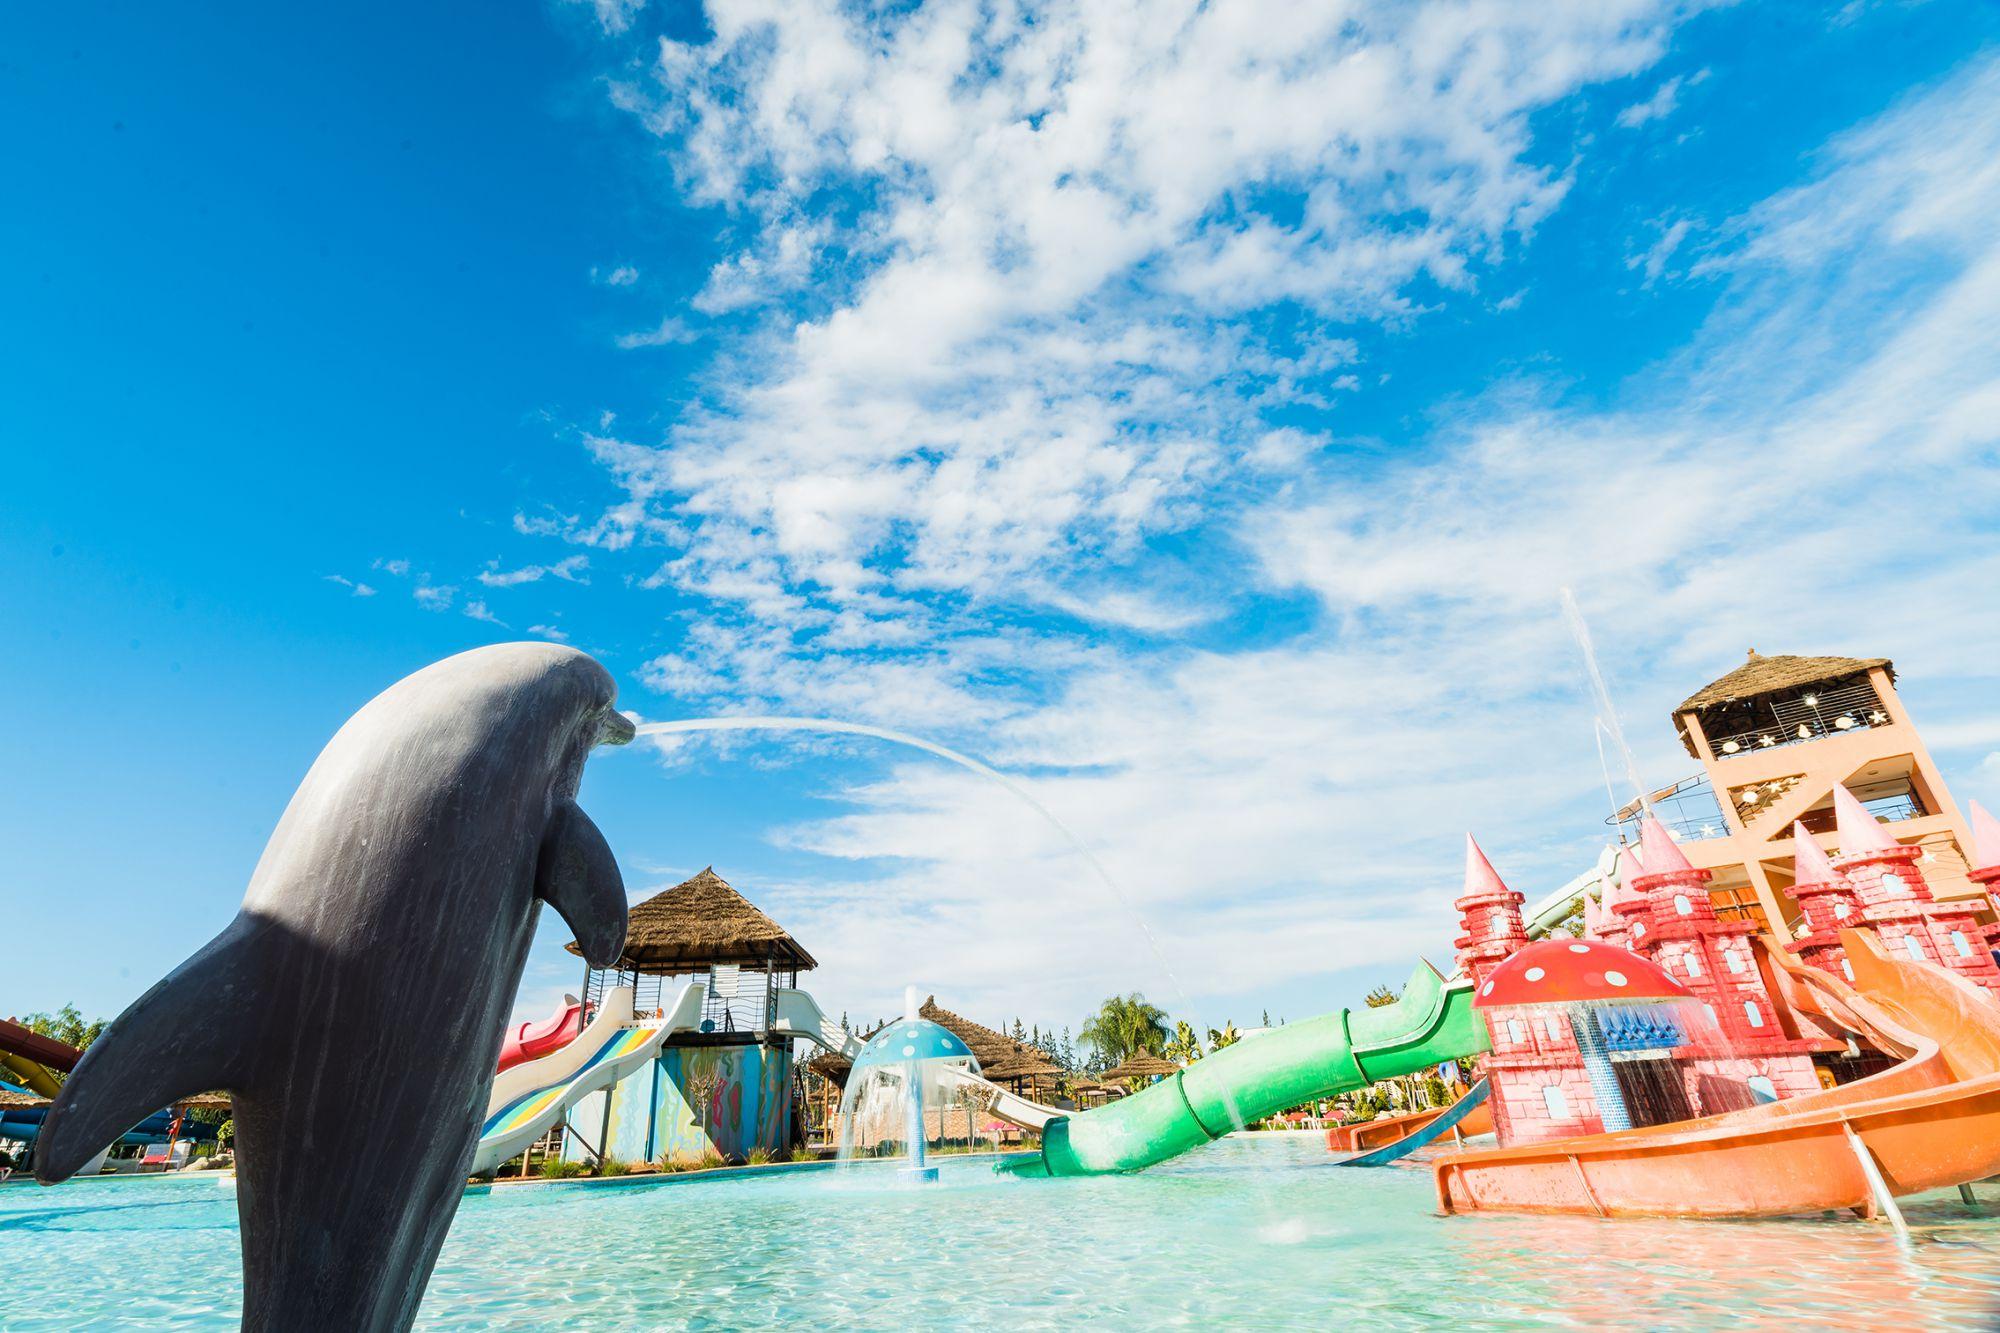 Piscines & Aqua Park